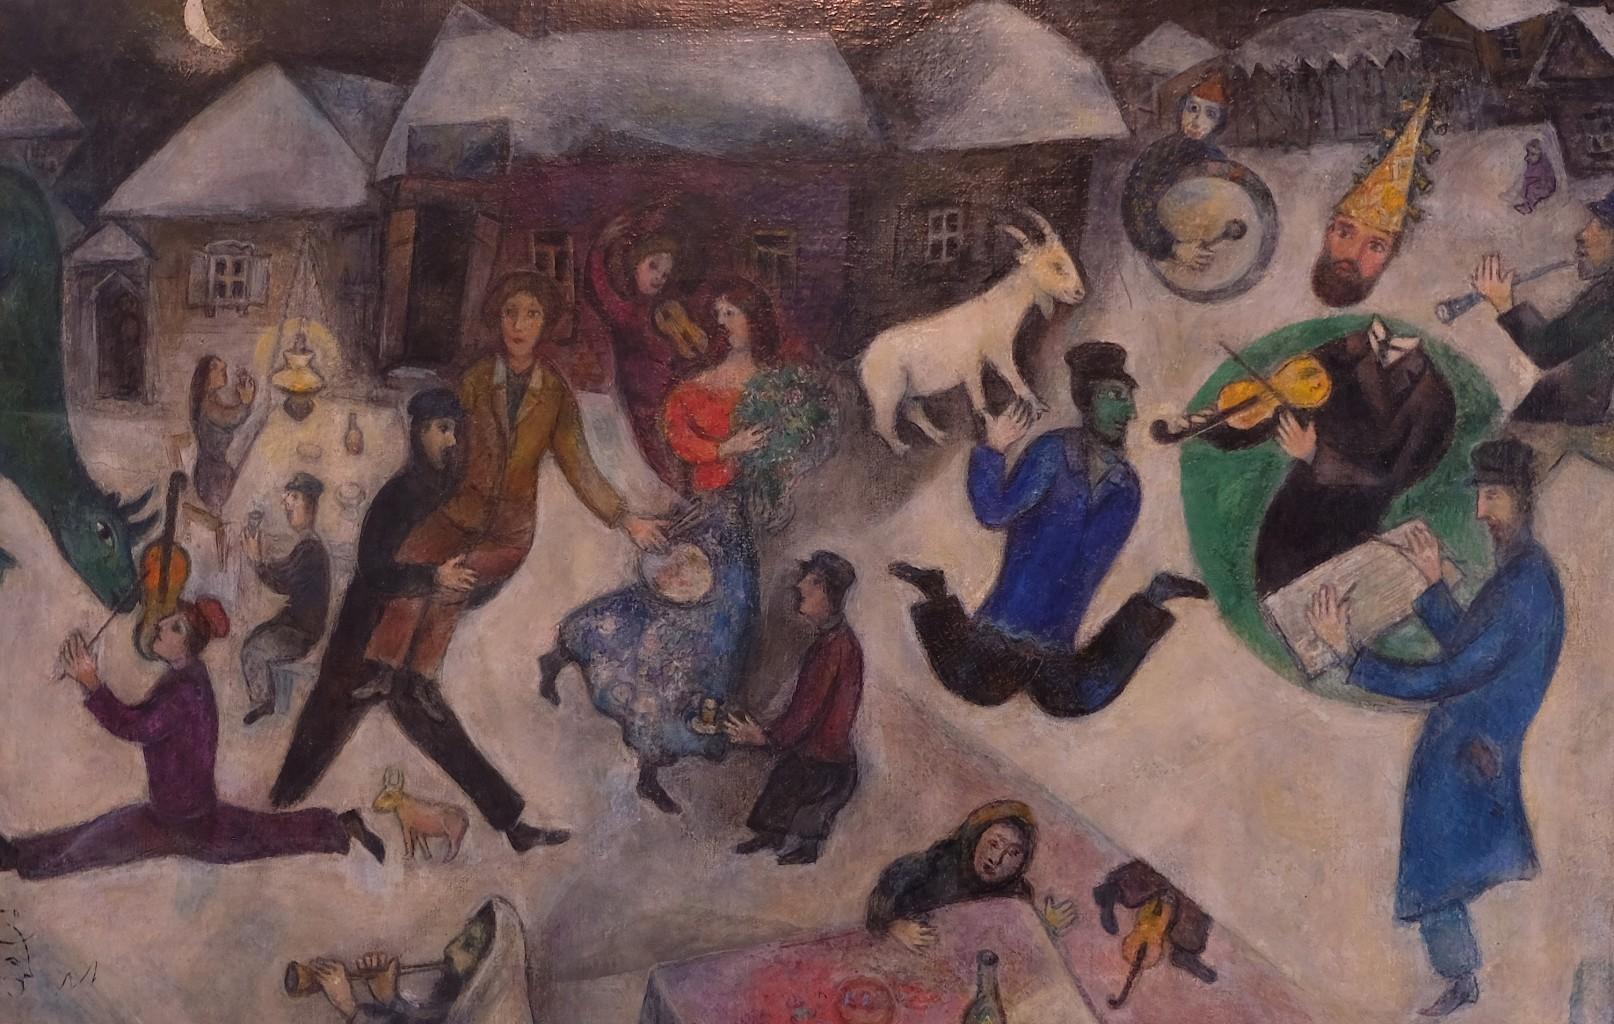 Les Arlequins, 1922-1944